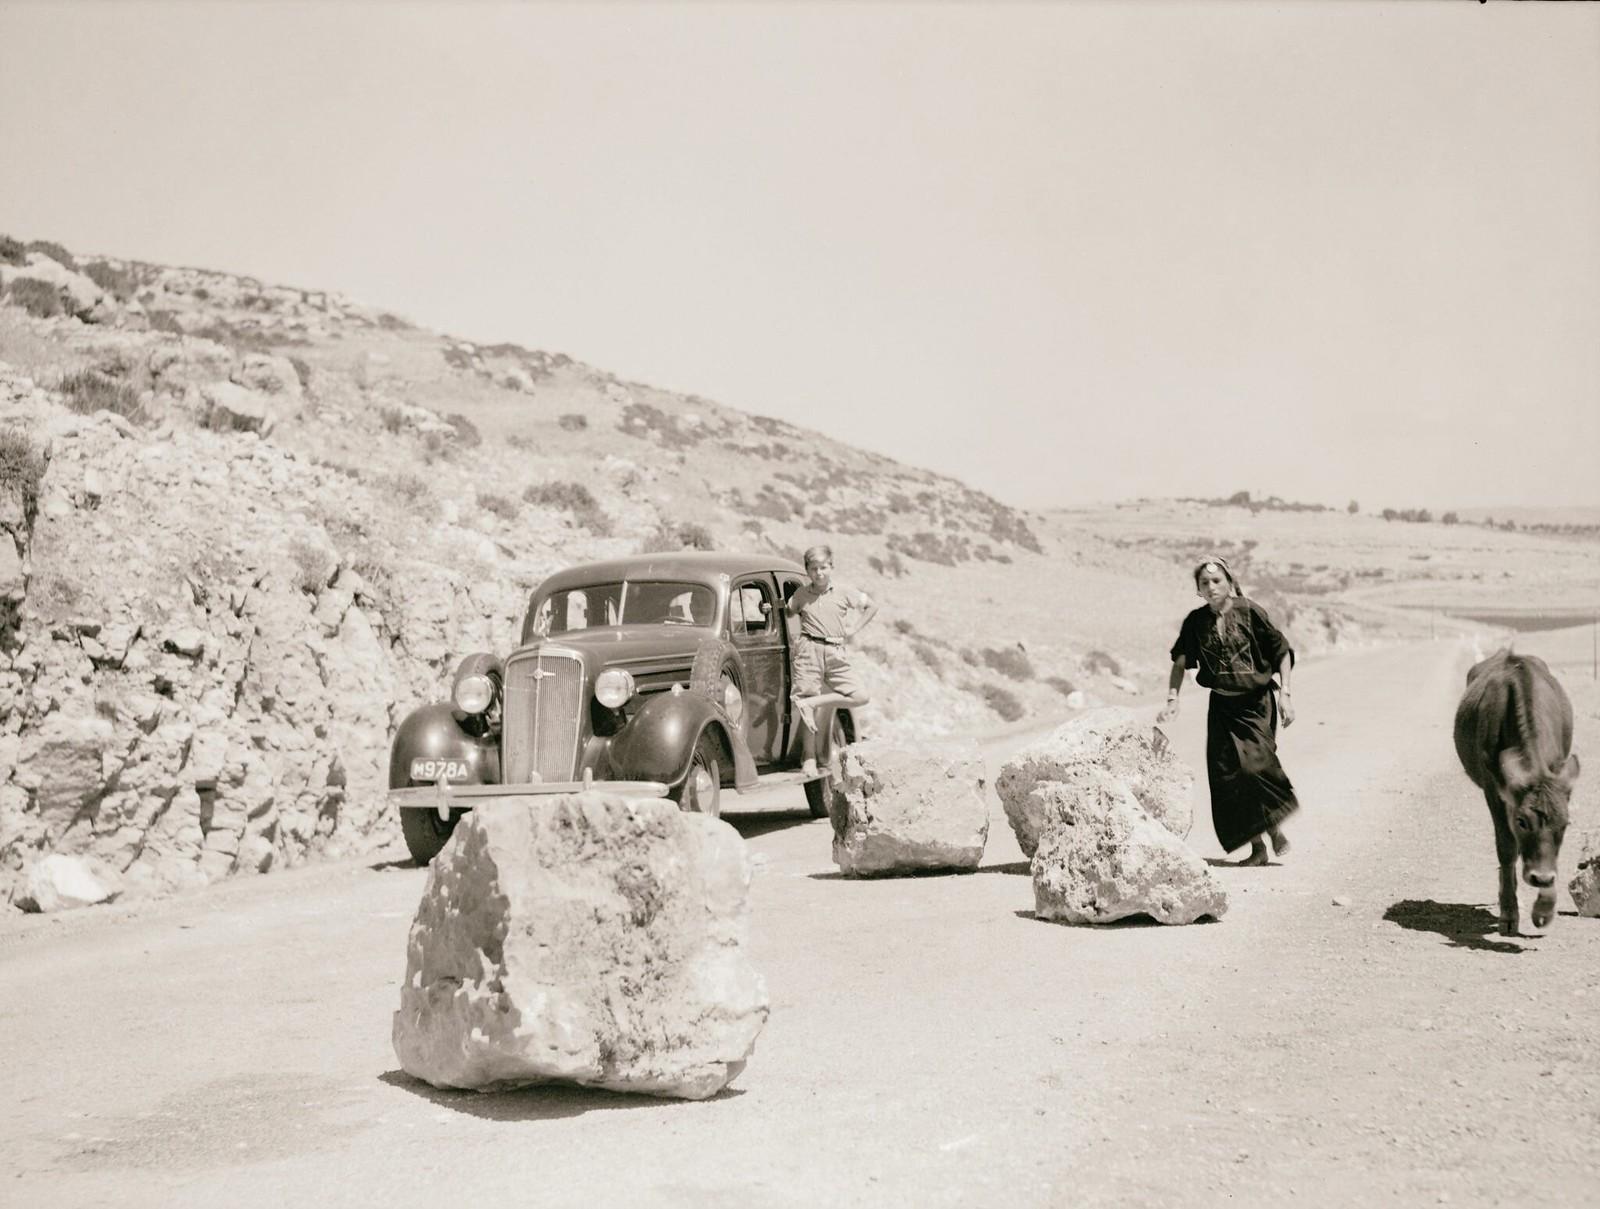 12. 1938. Огромные валуны на Хевронском шоссе, заложенные арабскими бандами для уничтожения полицейских и военных машин